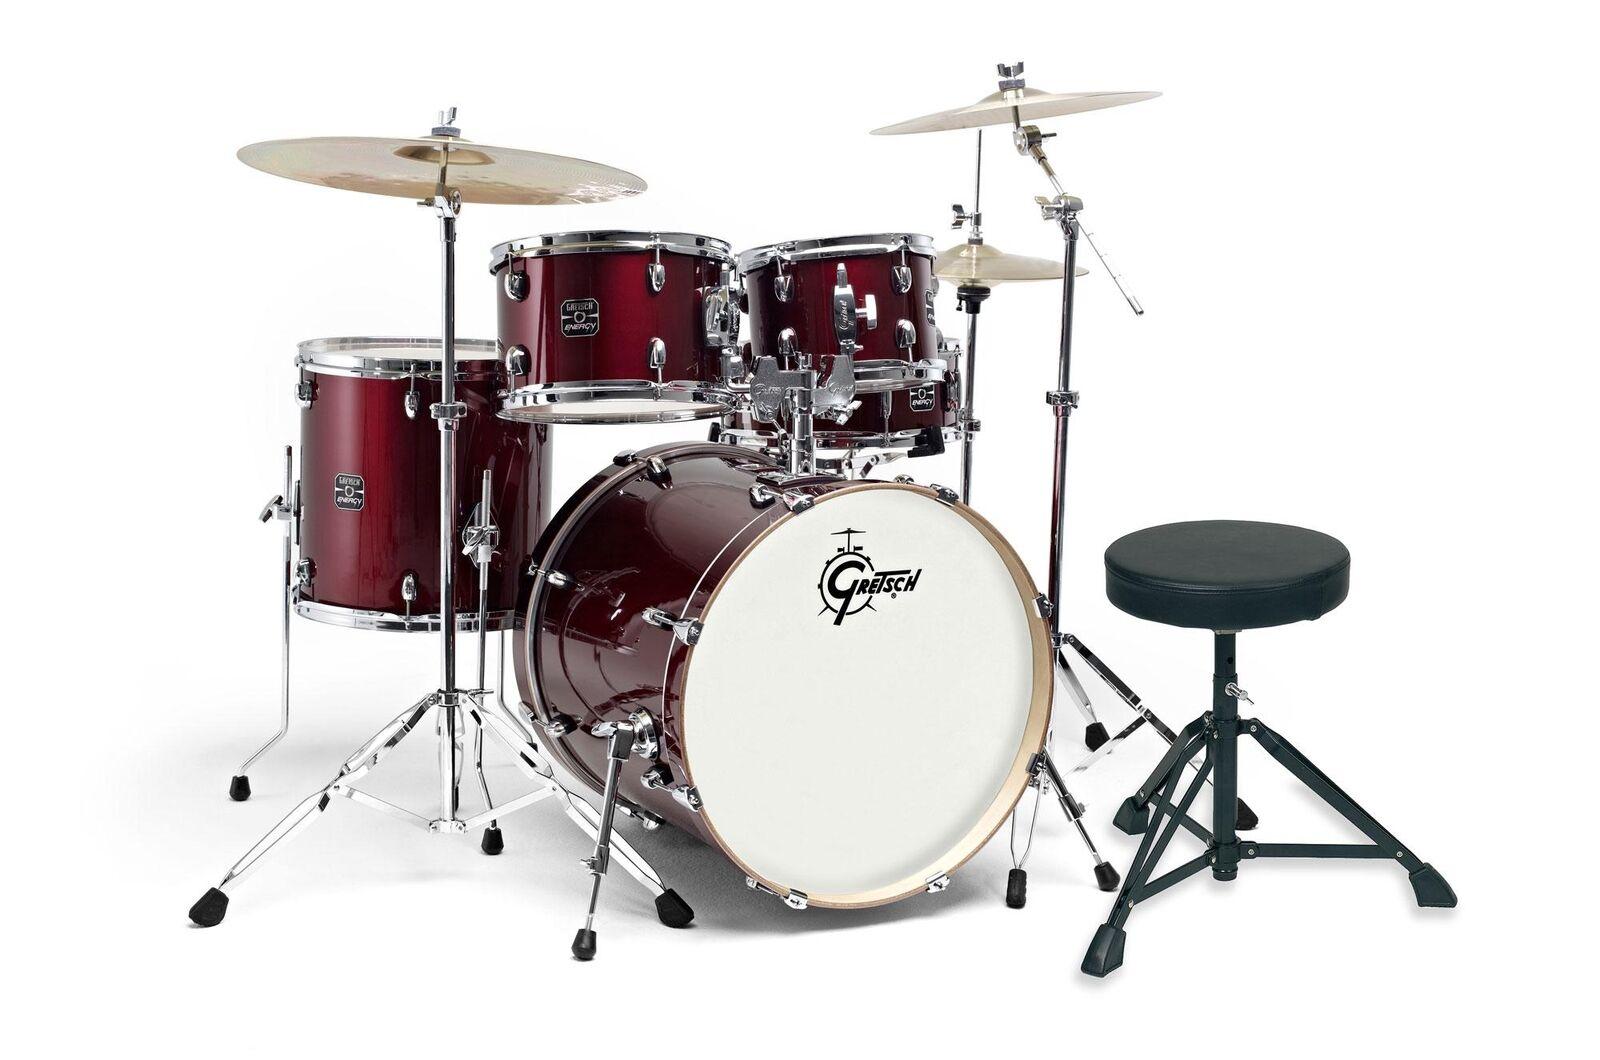 Gretsch Energy Drumkit Schlagzeug komplett Set 101 Becken Hocker Hardware rot